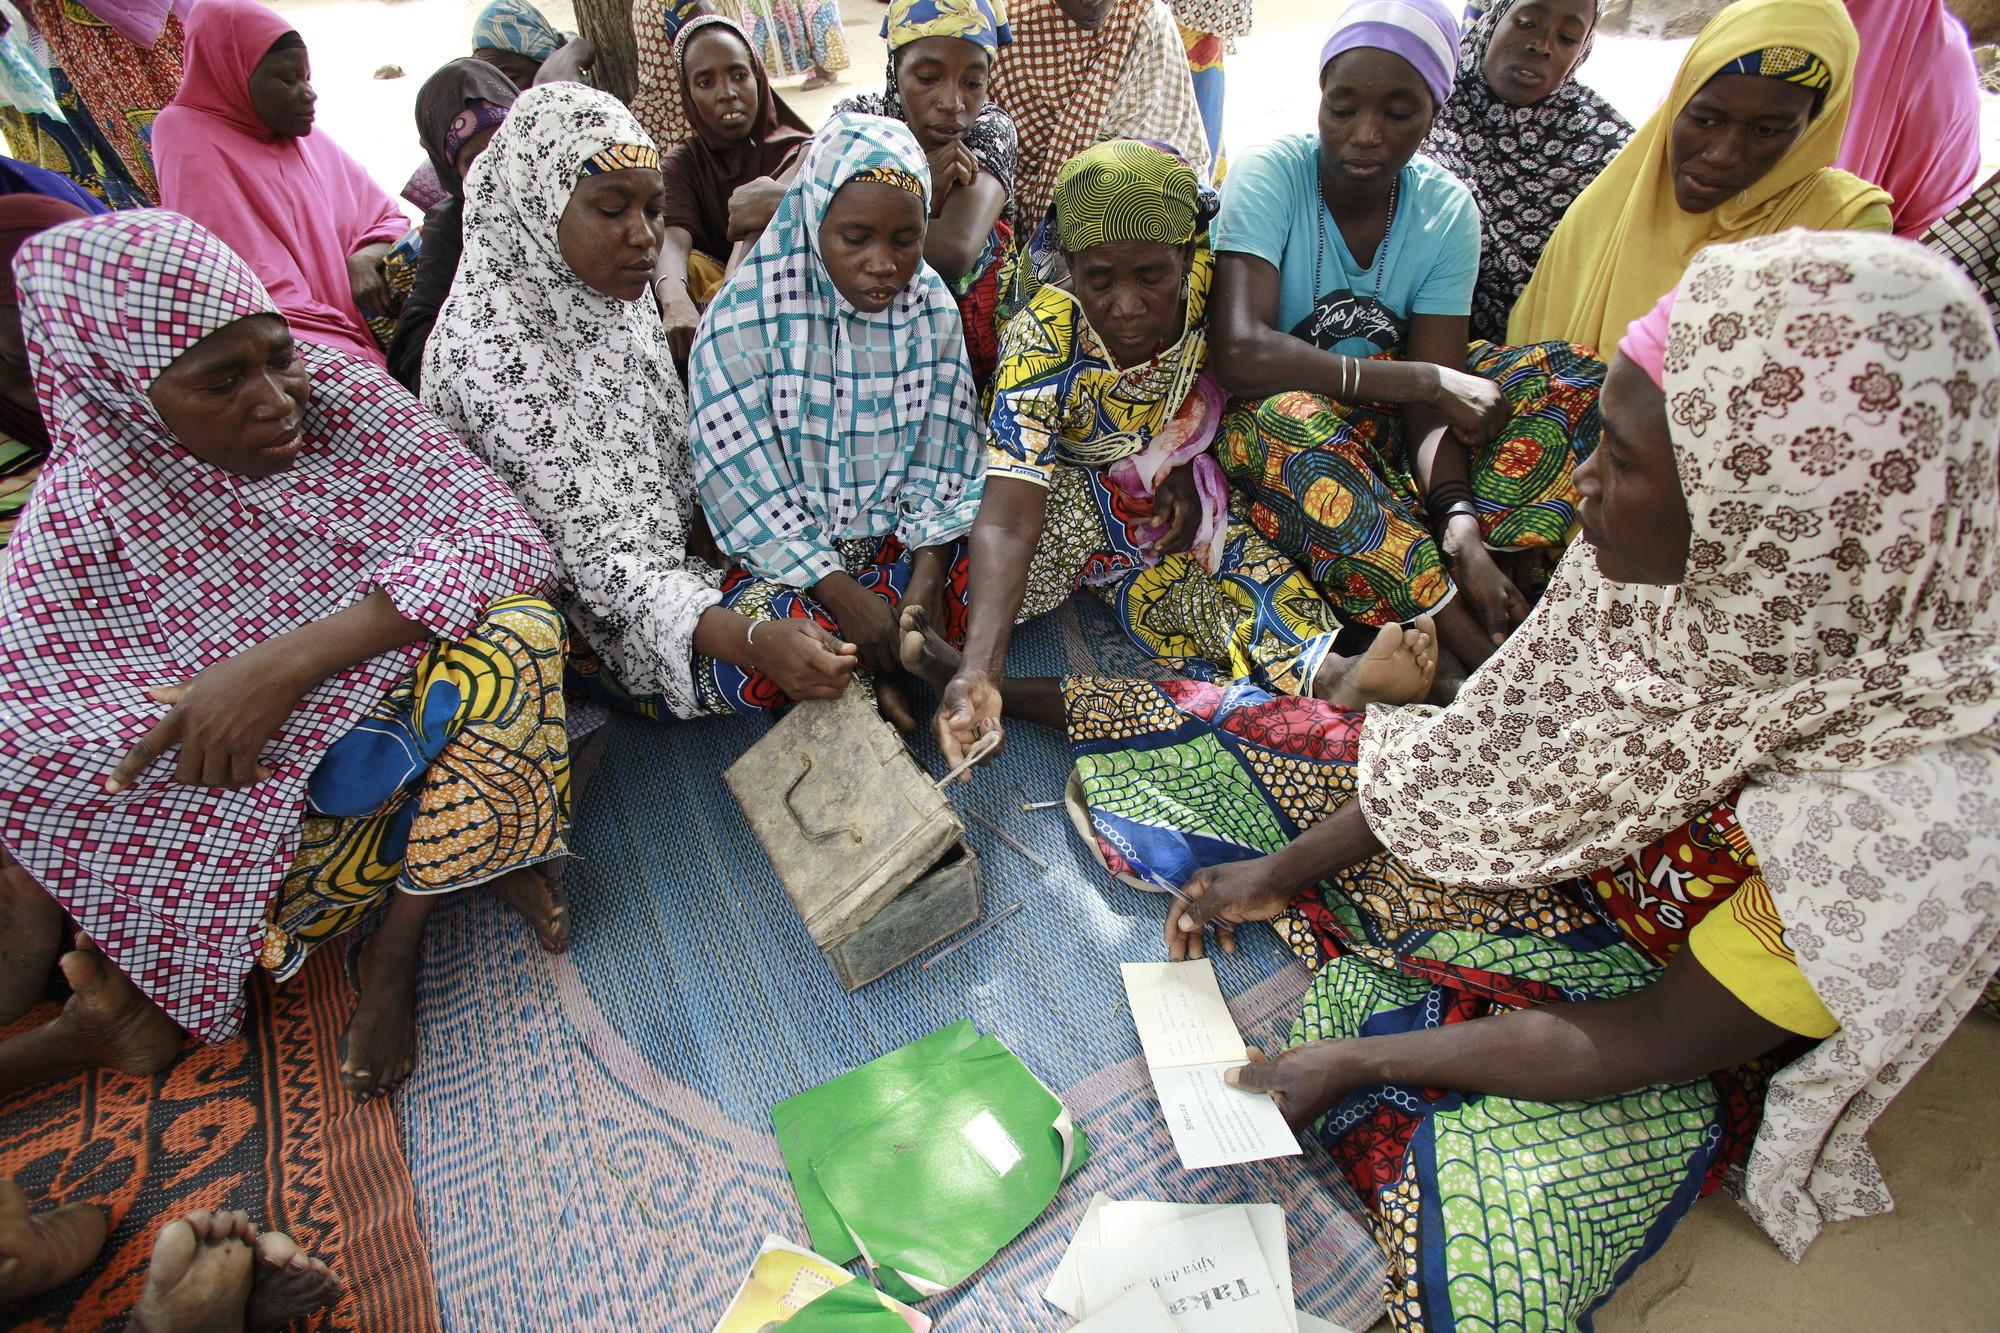 As mulheres se reúnem em uma reunião do VSLA em Kagadama, Níger, onde a CARE iniciou seu programa piloto de poupança e empréstimo há quase 30 anos. Foto: Josh Estey / CARE